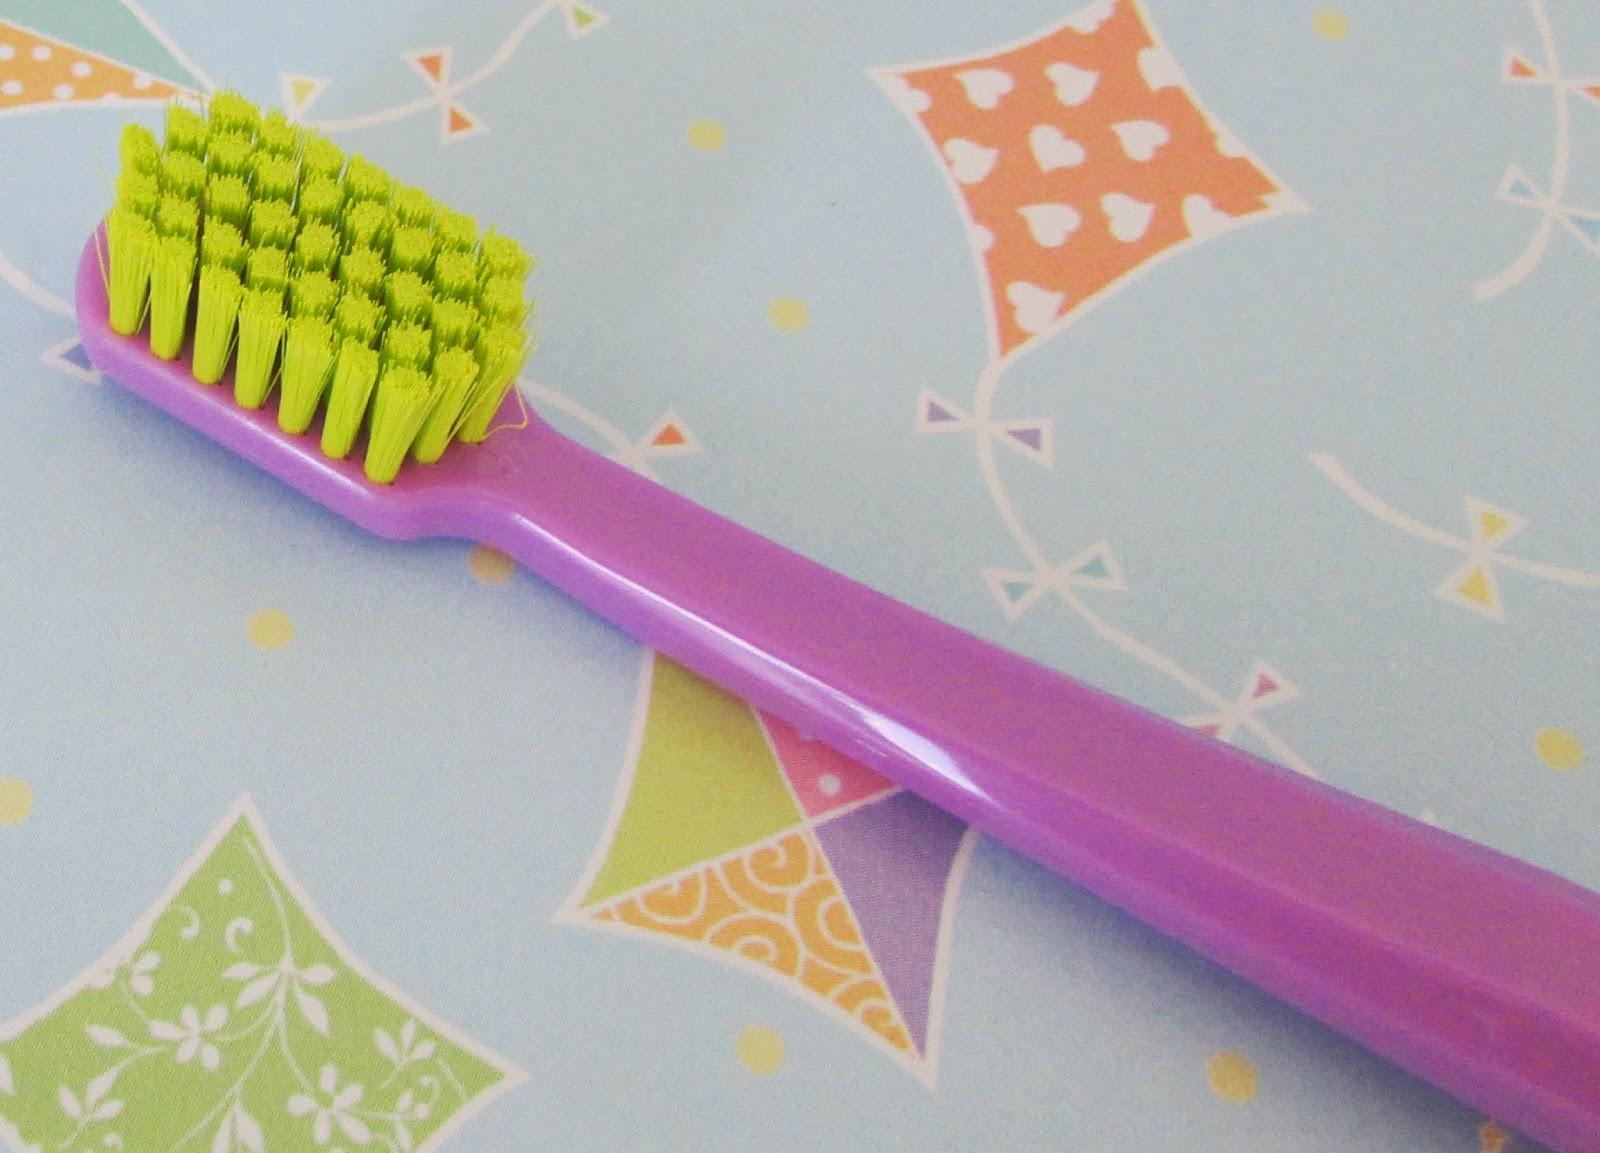 Curaprox, recomendada por dentistas, escova de dente